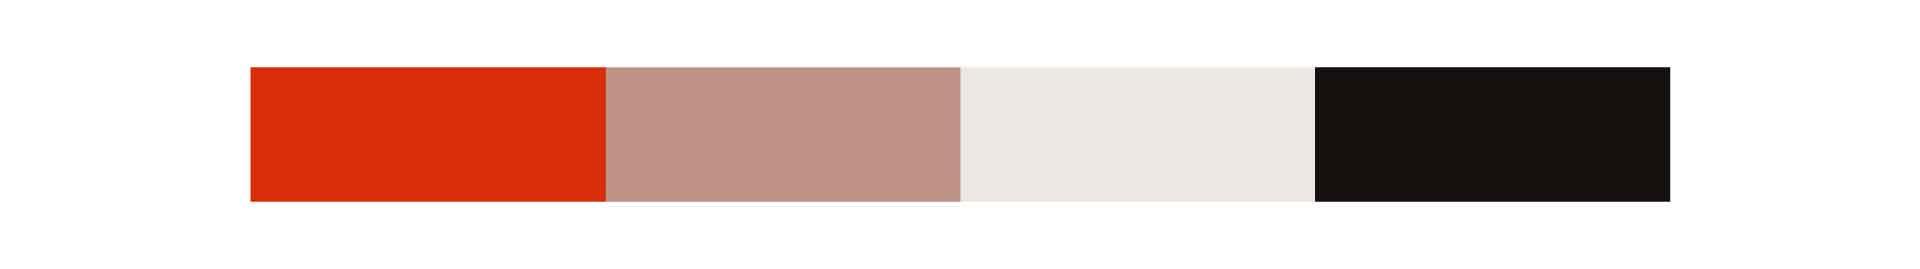 Footwear Trend SS21 Oxy Dye - Colors